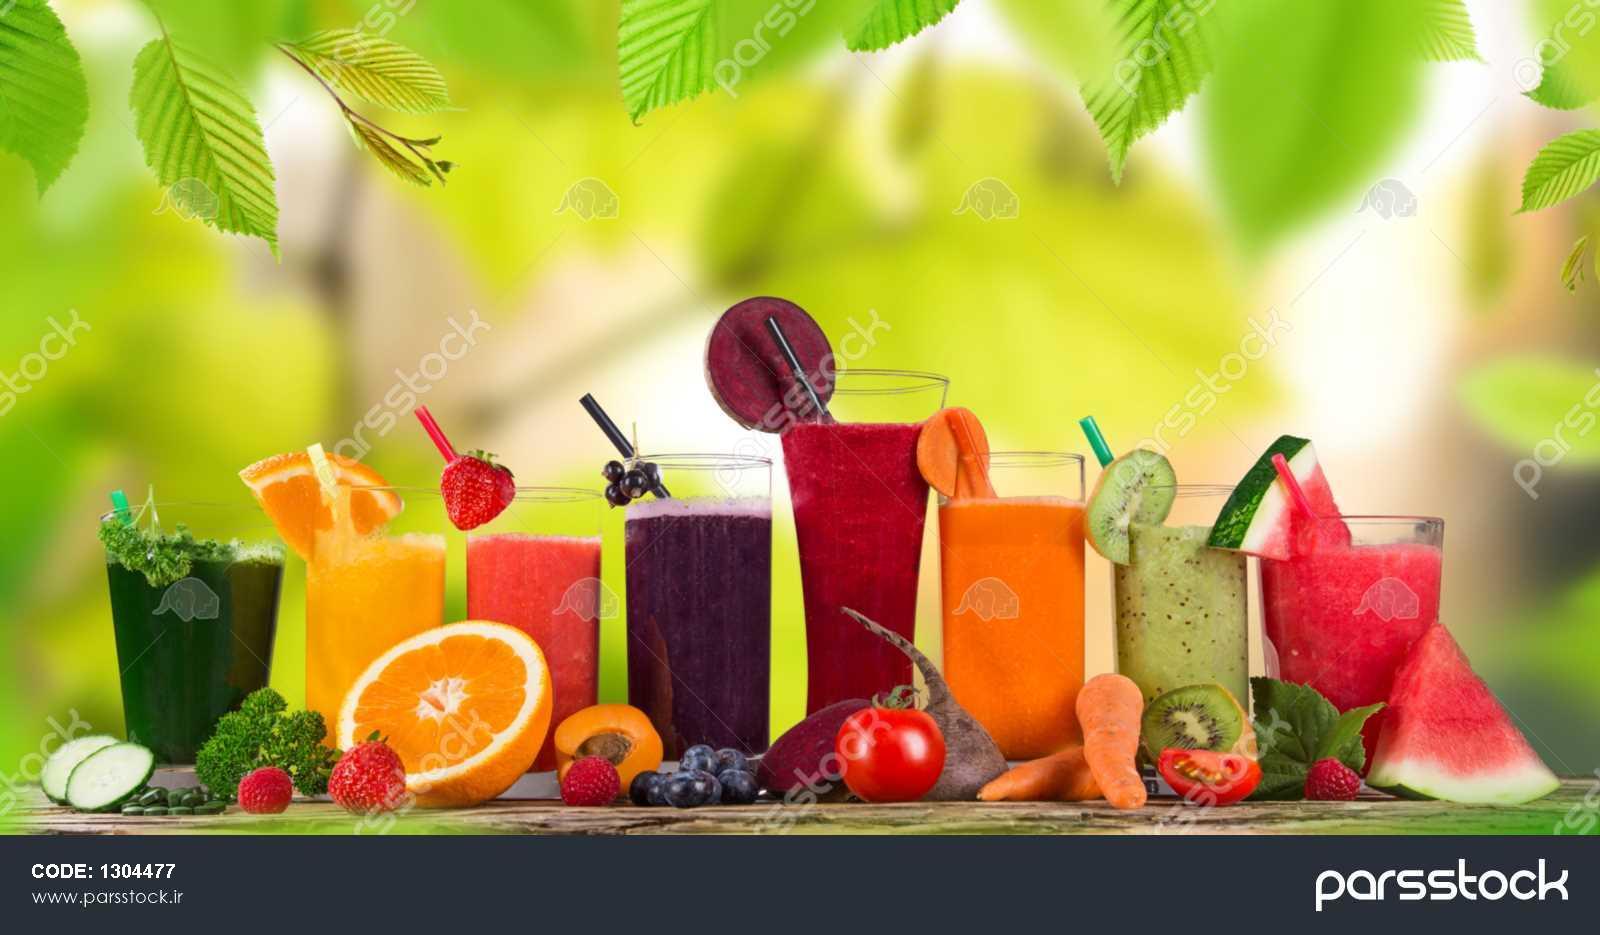 آب میوه های تازه نوشیدنی های سالم عکس 1304477 : پارس استاک - شاتر استوک  پارسی